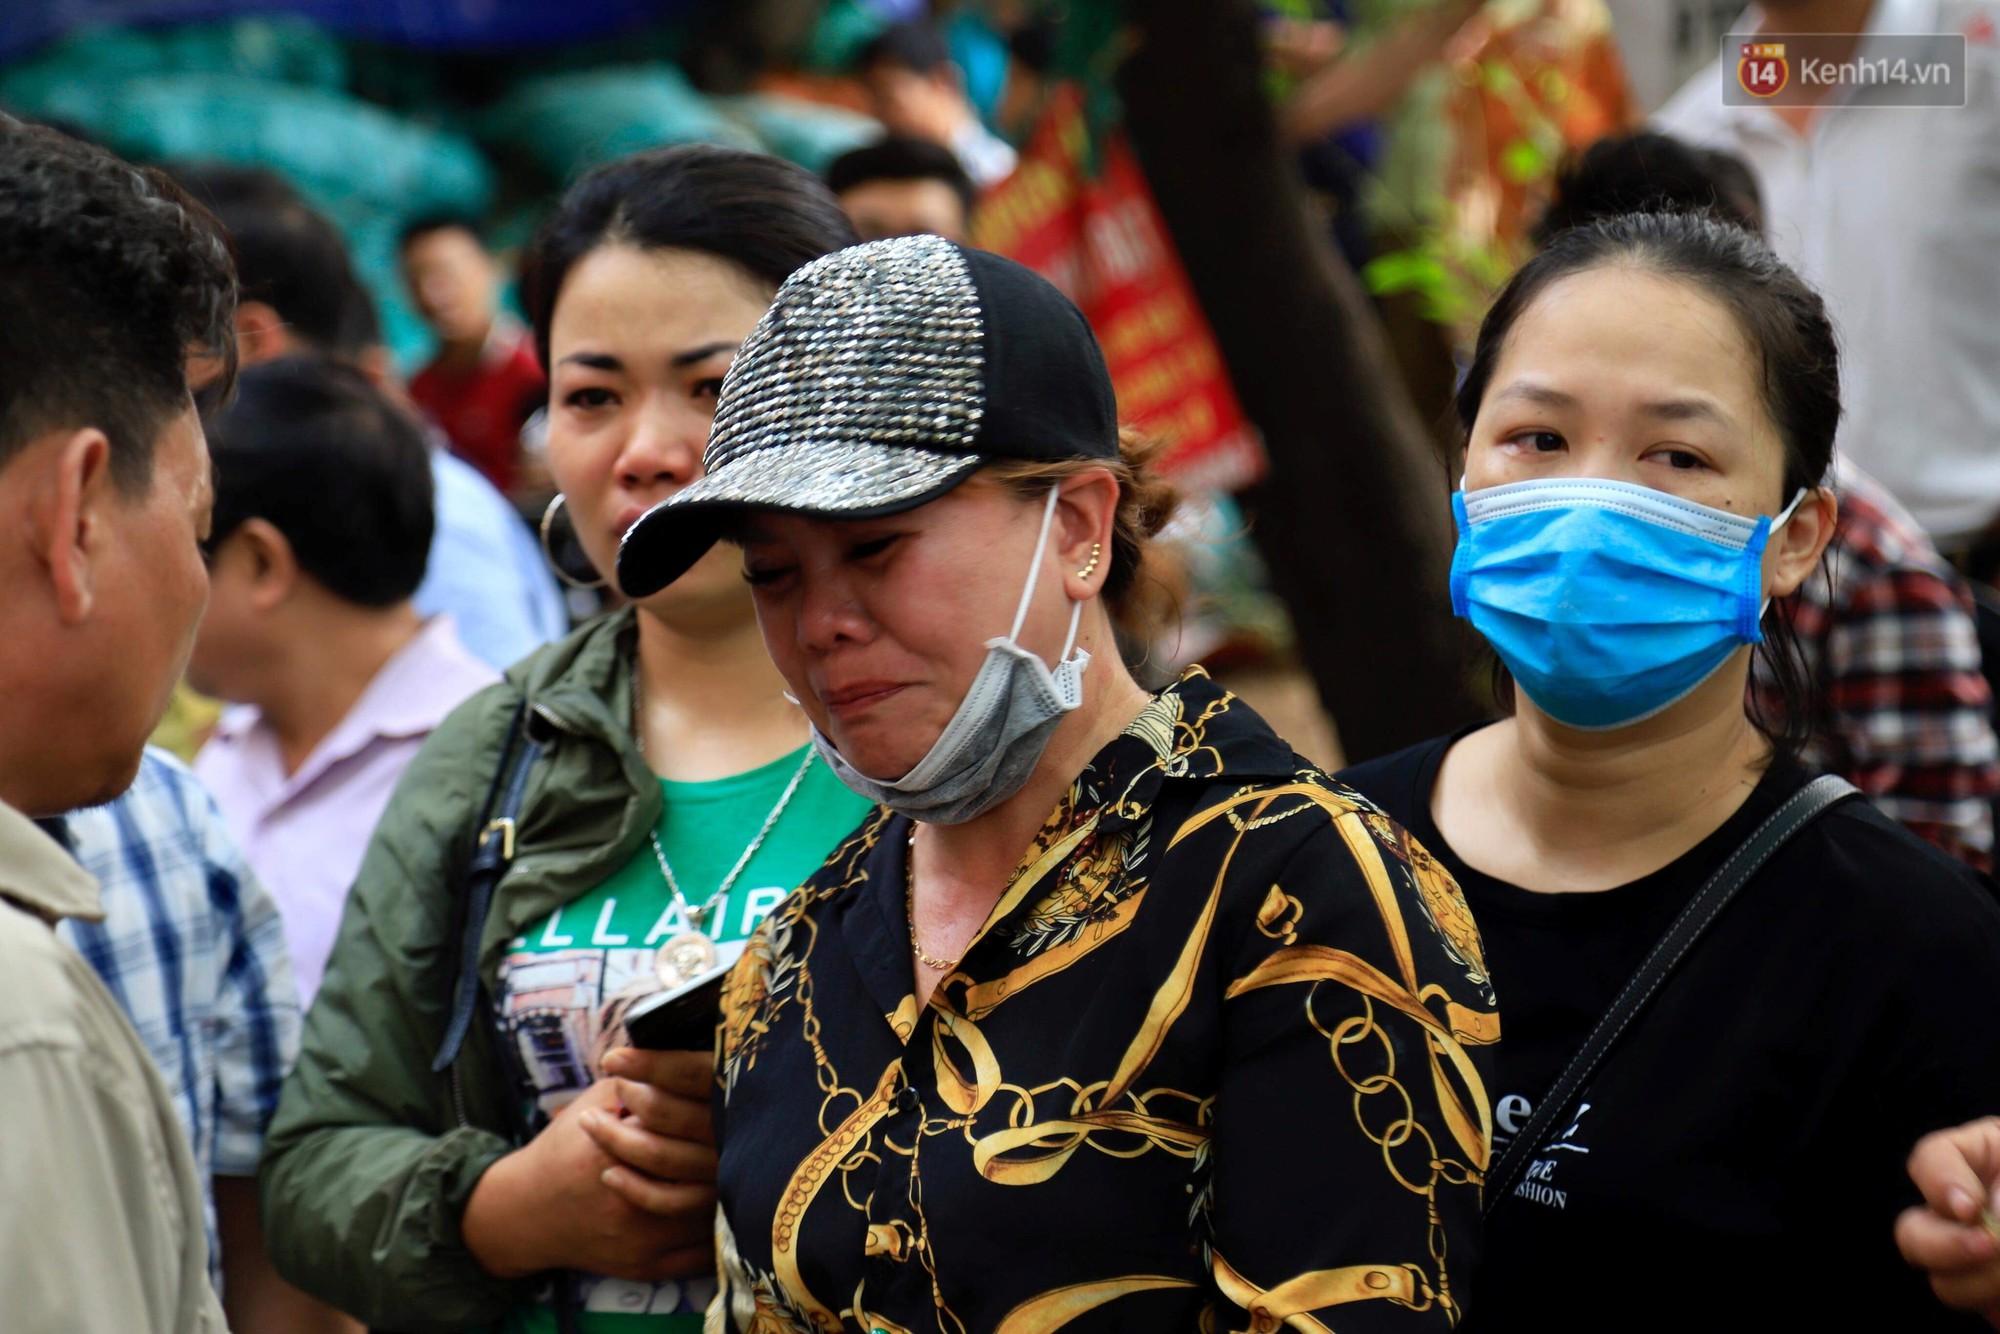 Người nhà nạn nhân đau đớn, khóc ngất tại hiện trường vụ hỏa hoạn khiến 8 người chết và mất tích-5